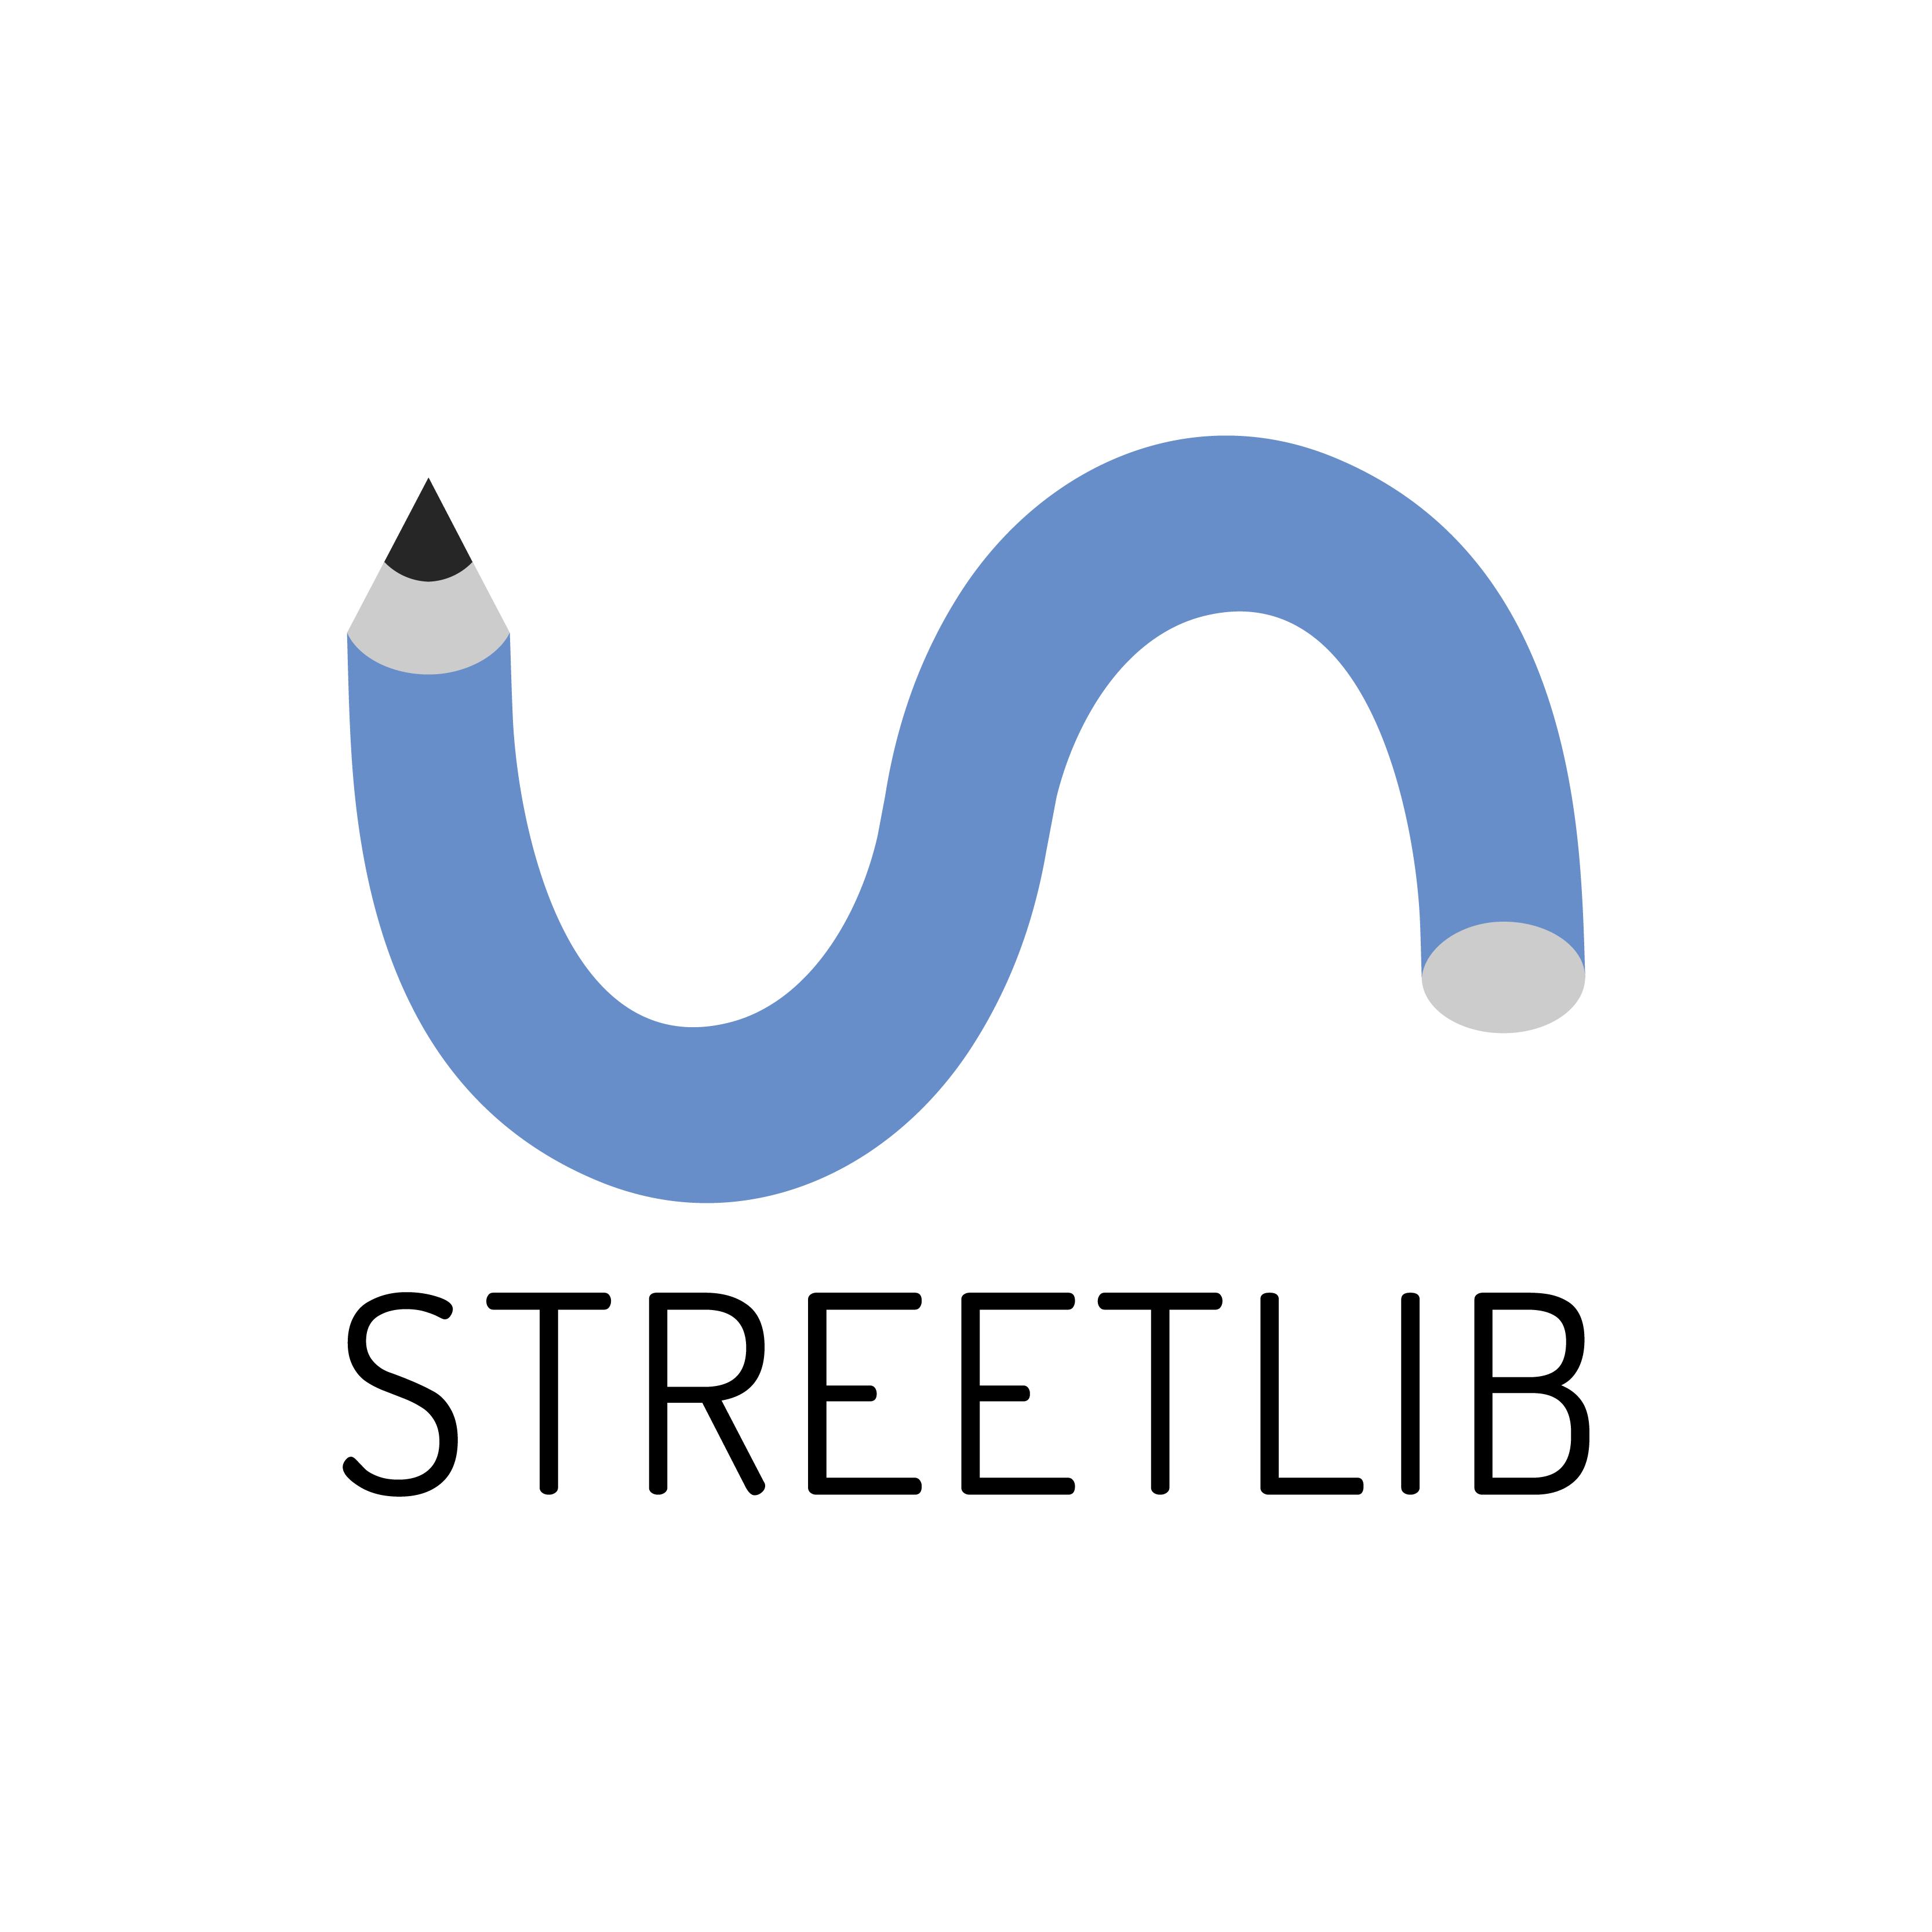 Streetlib logo